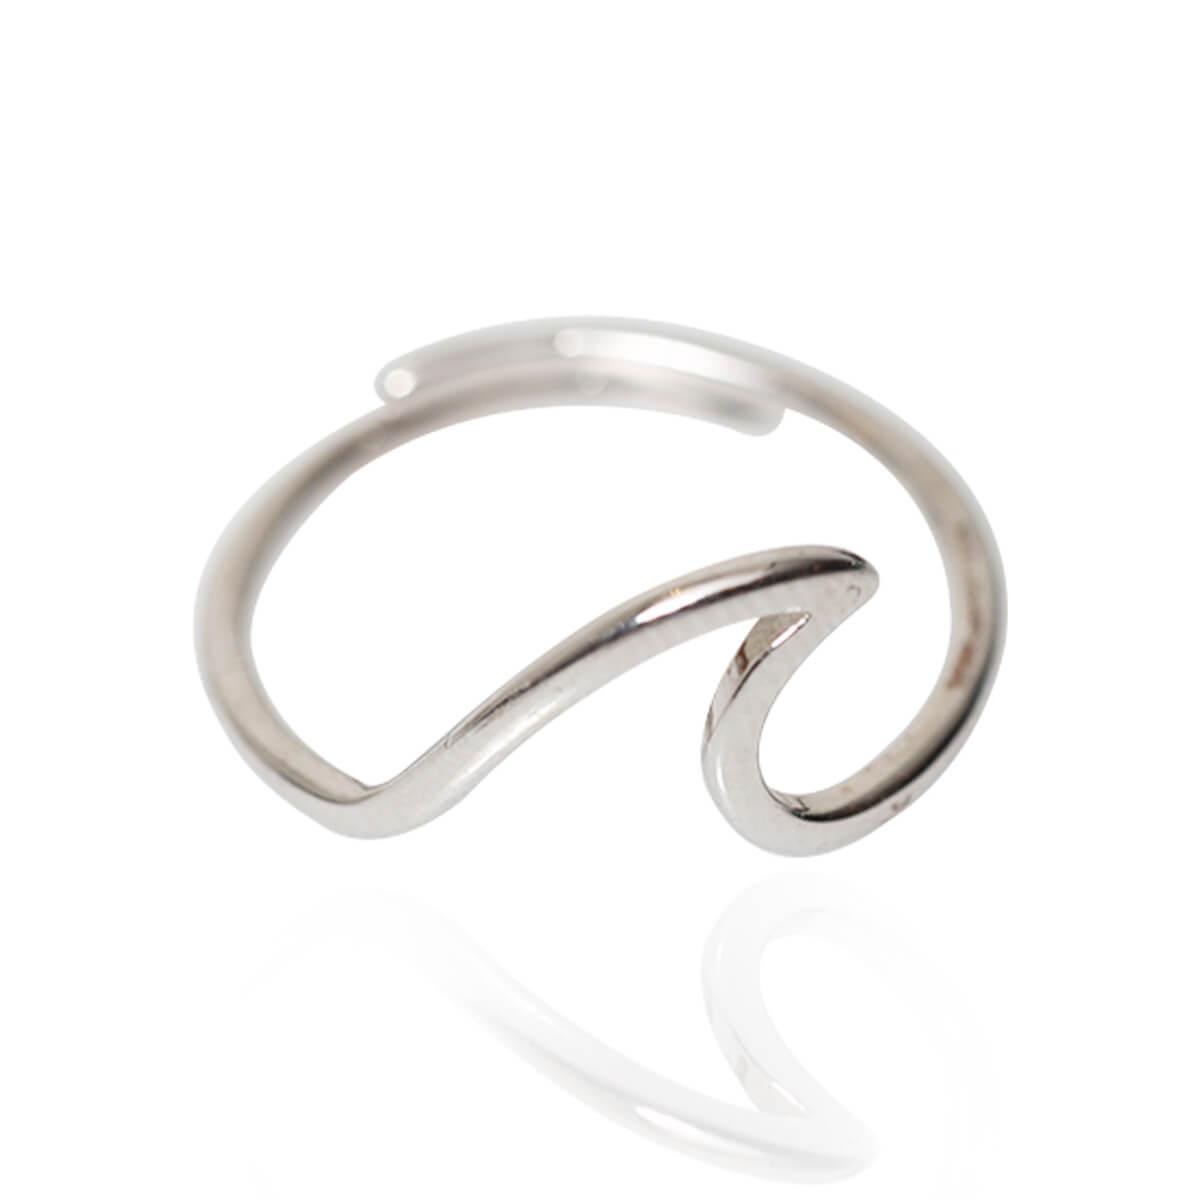 טבעת גל מדהימה לאישה ציפוי כסף